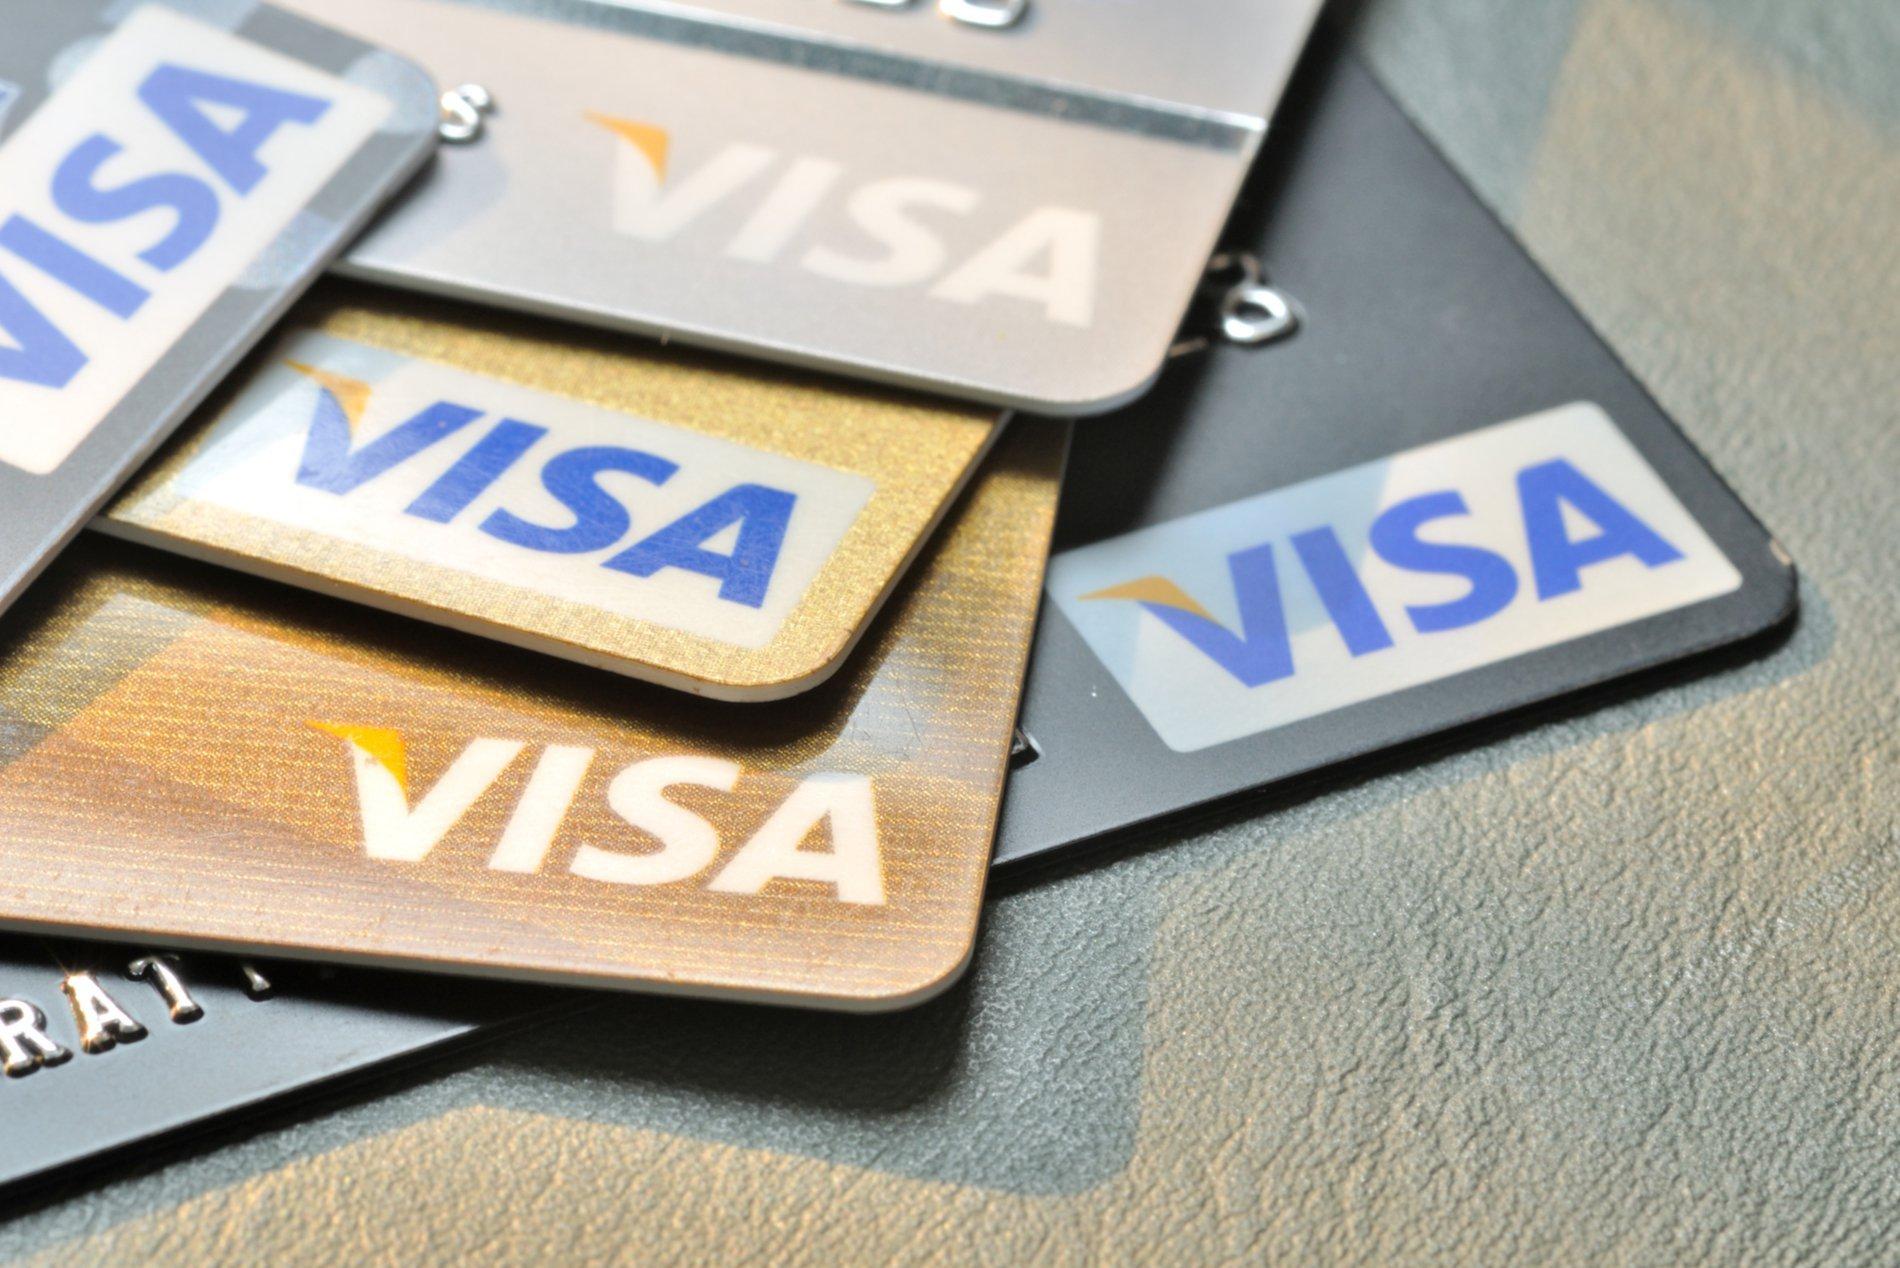 giá bitcoin: Binance hỗ trợ mua tiền điện tử bằng thẻ Visa cho người dùng Châu Âu